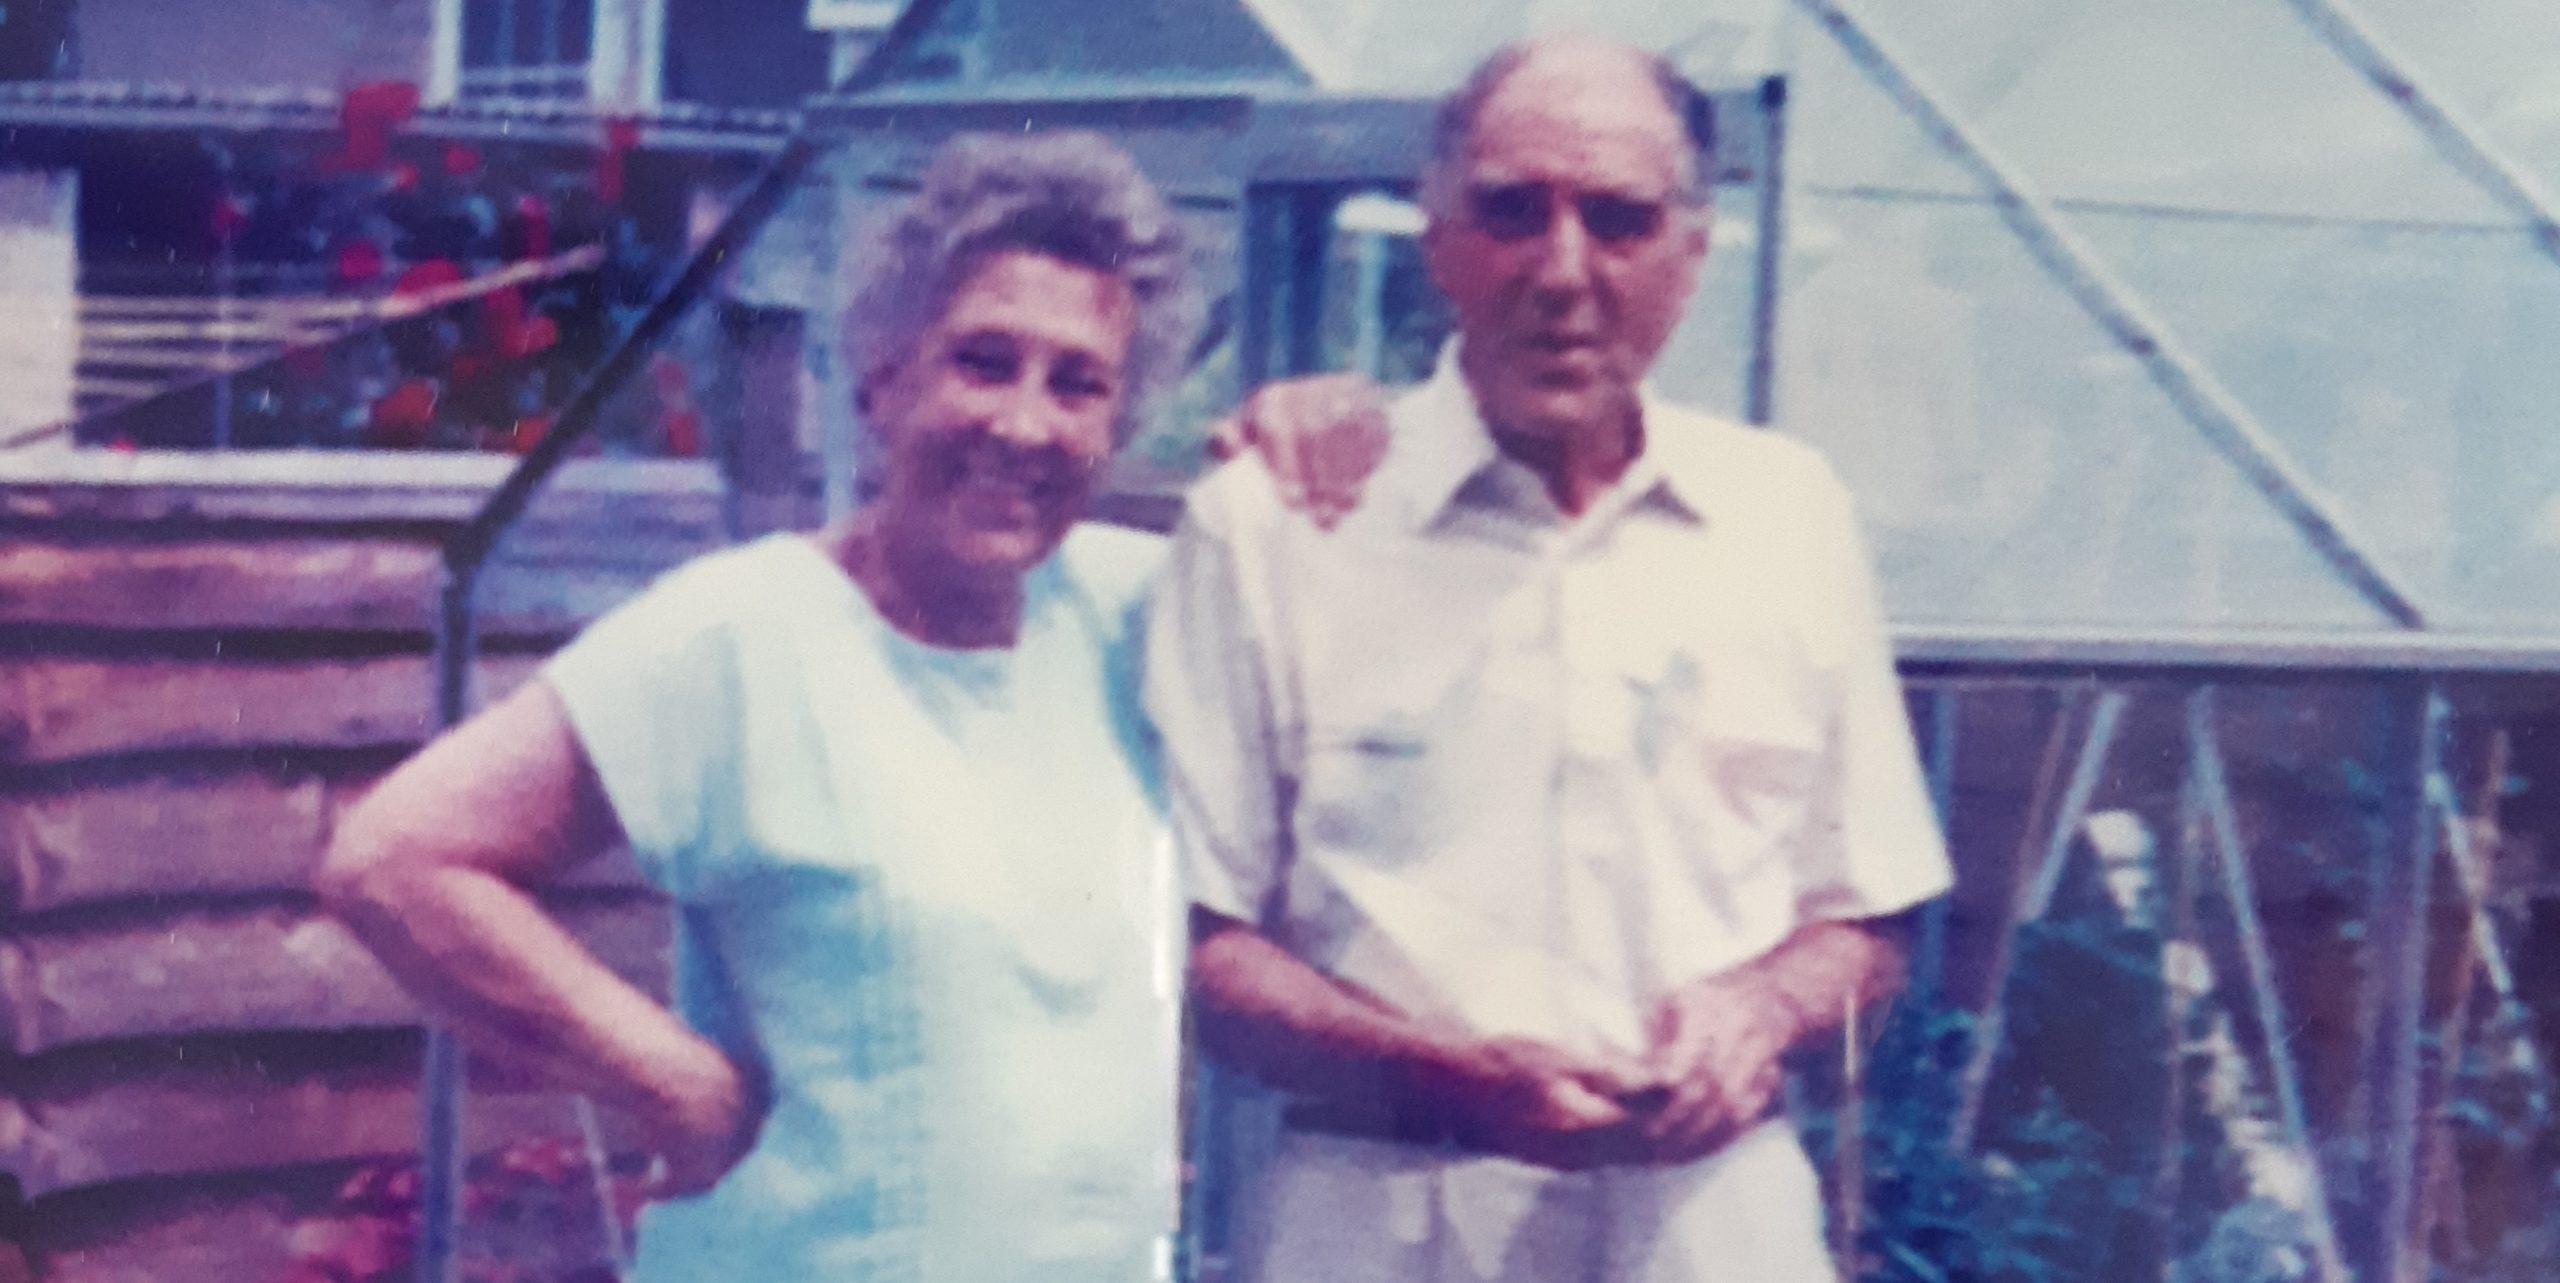 Elaine's parents